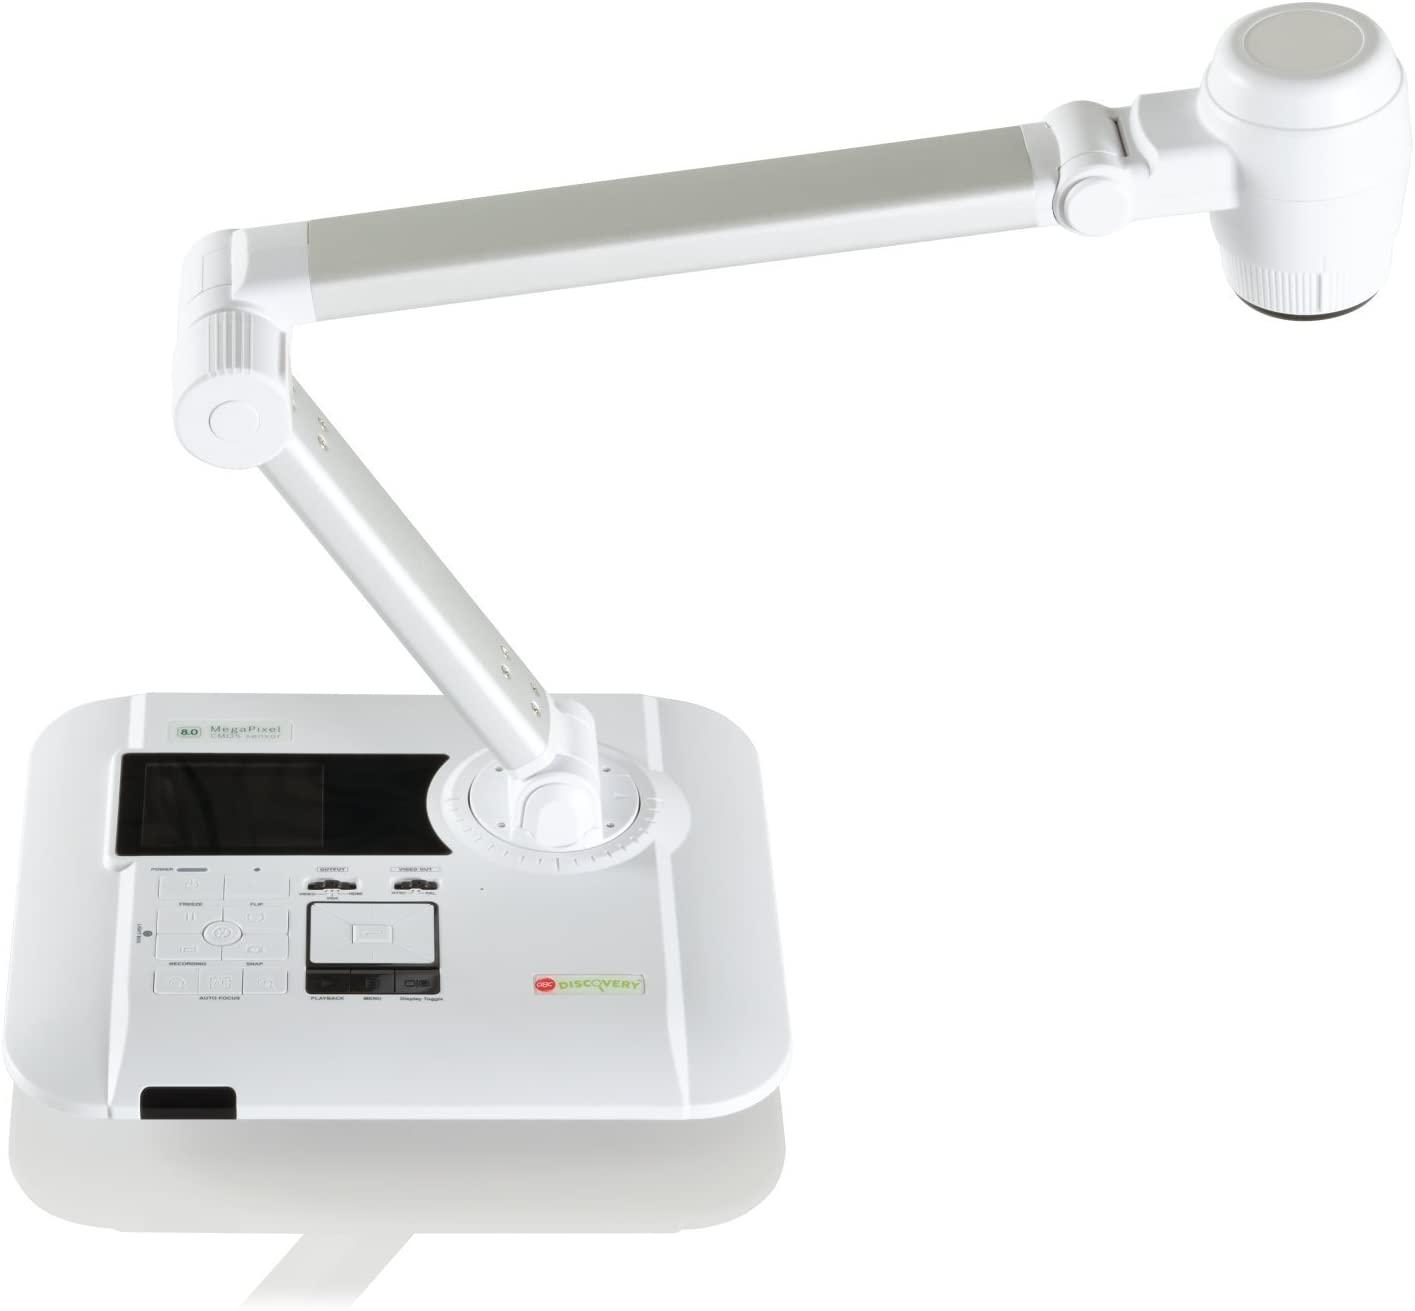 GBC Document Camera, Discovery 3100 (DCV10009)